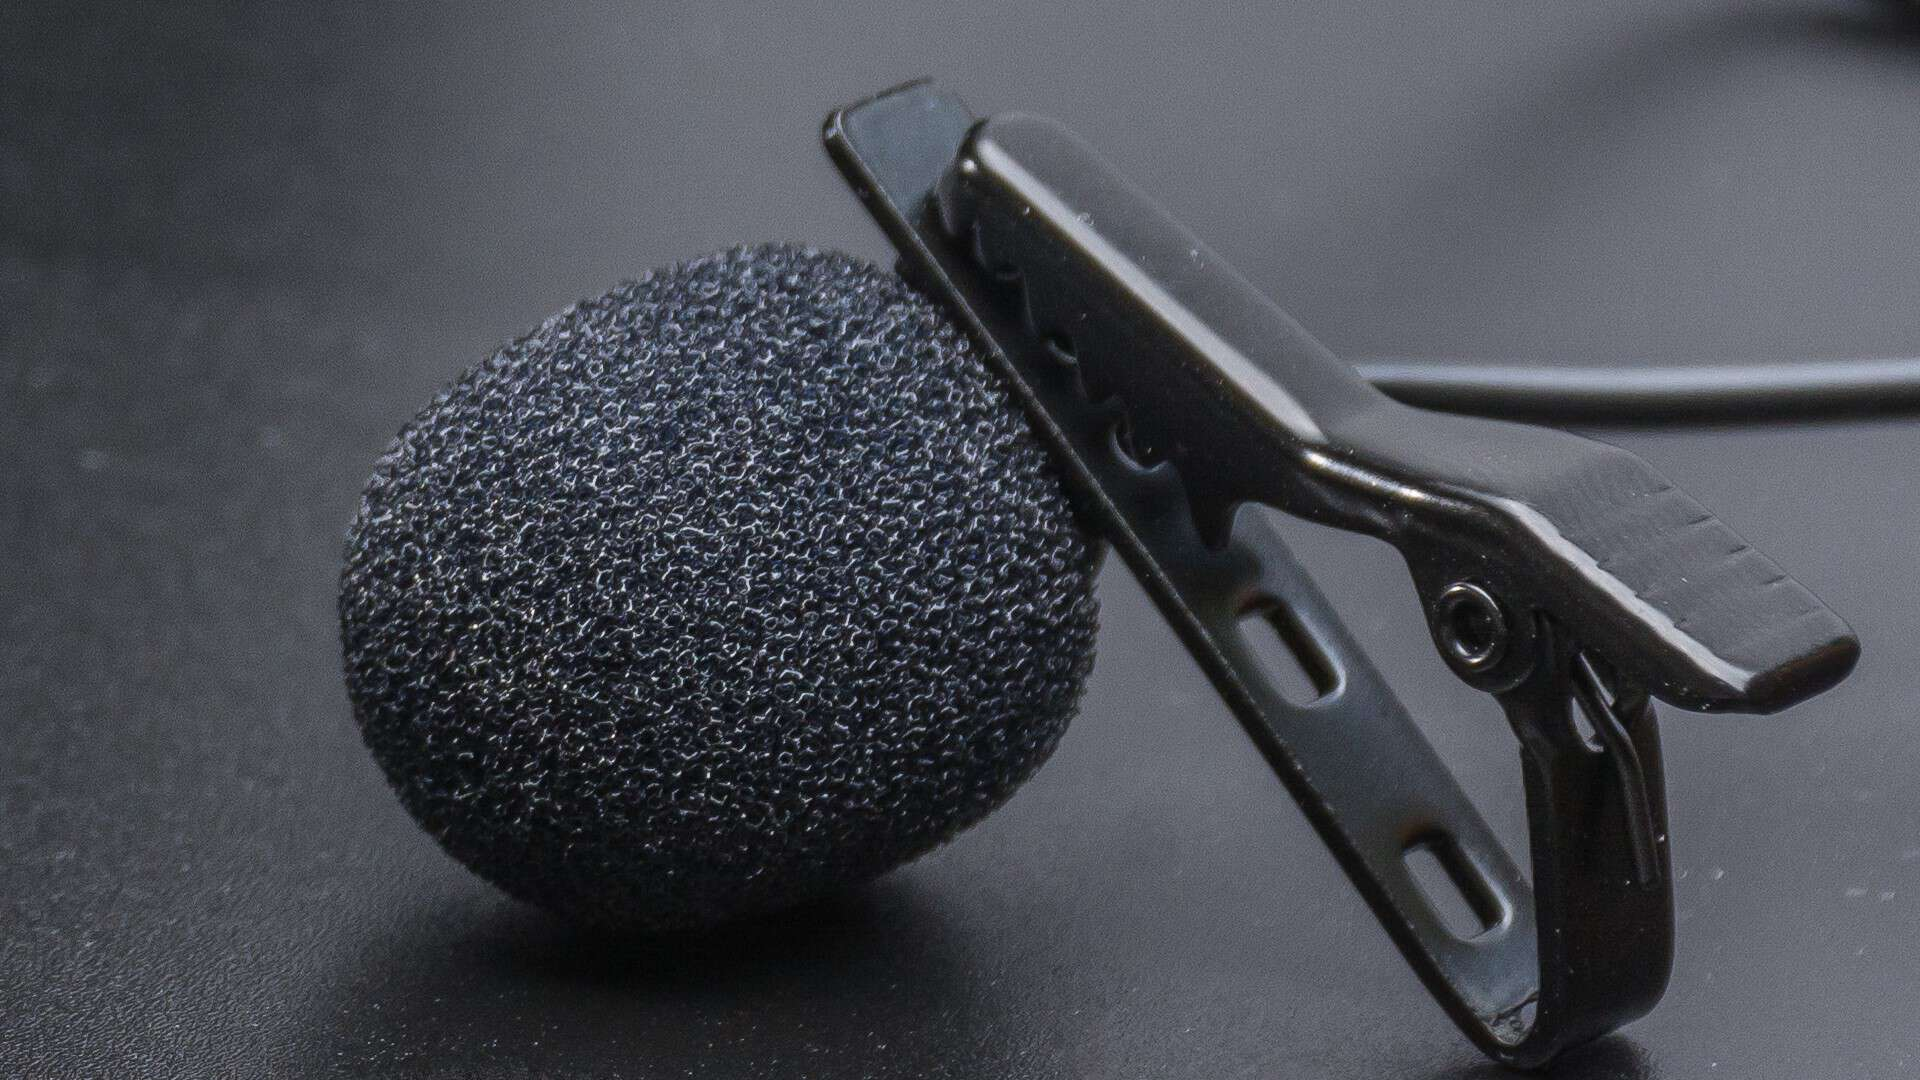 Miglior microfono spia 2020: Guida all'acquisto